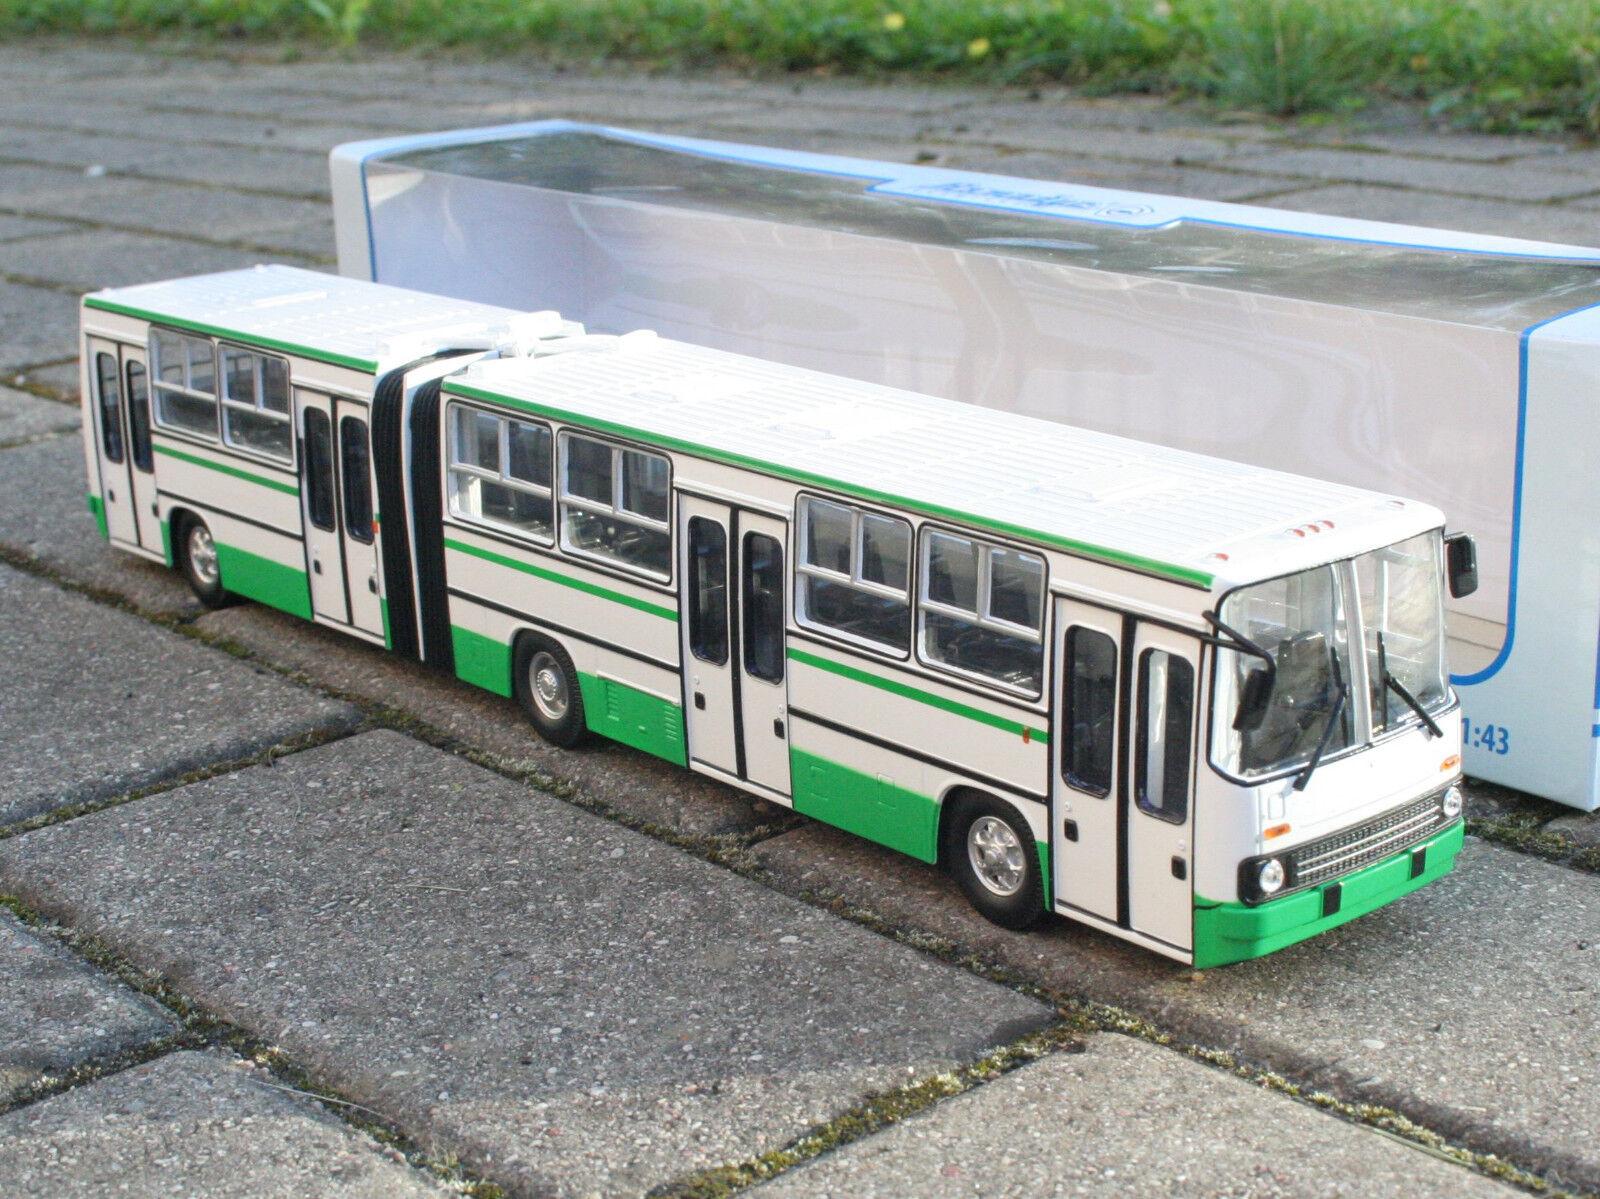 1 43 Ikarus  280.64 double-Bus articulé URSS ville lignes raba on Bus USSR russian  édition limitée chaude